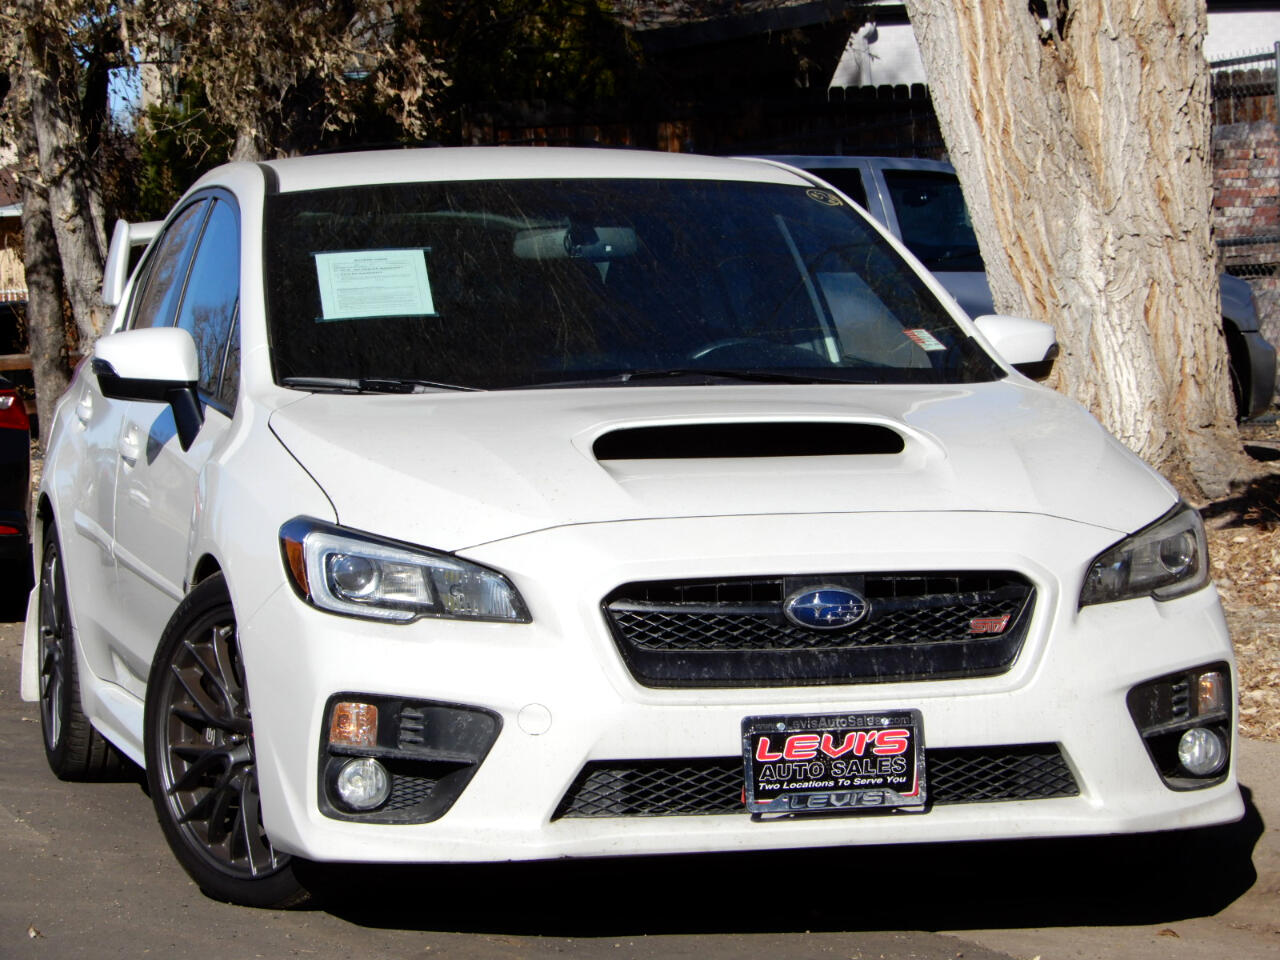 Levis Auto Sales >> Used 2016 Subaru Wrx Sti 4 Door For Sale In Denver Co 80204